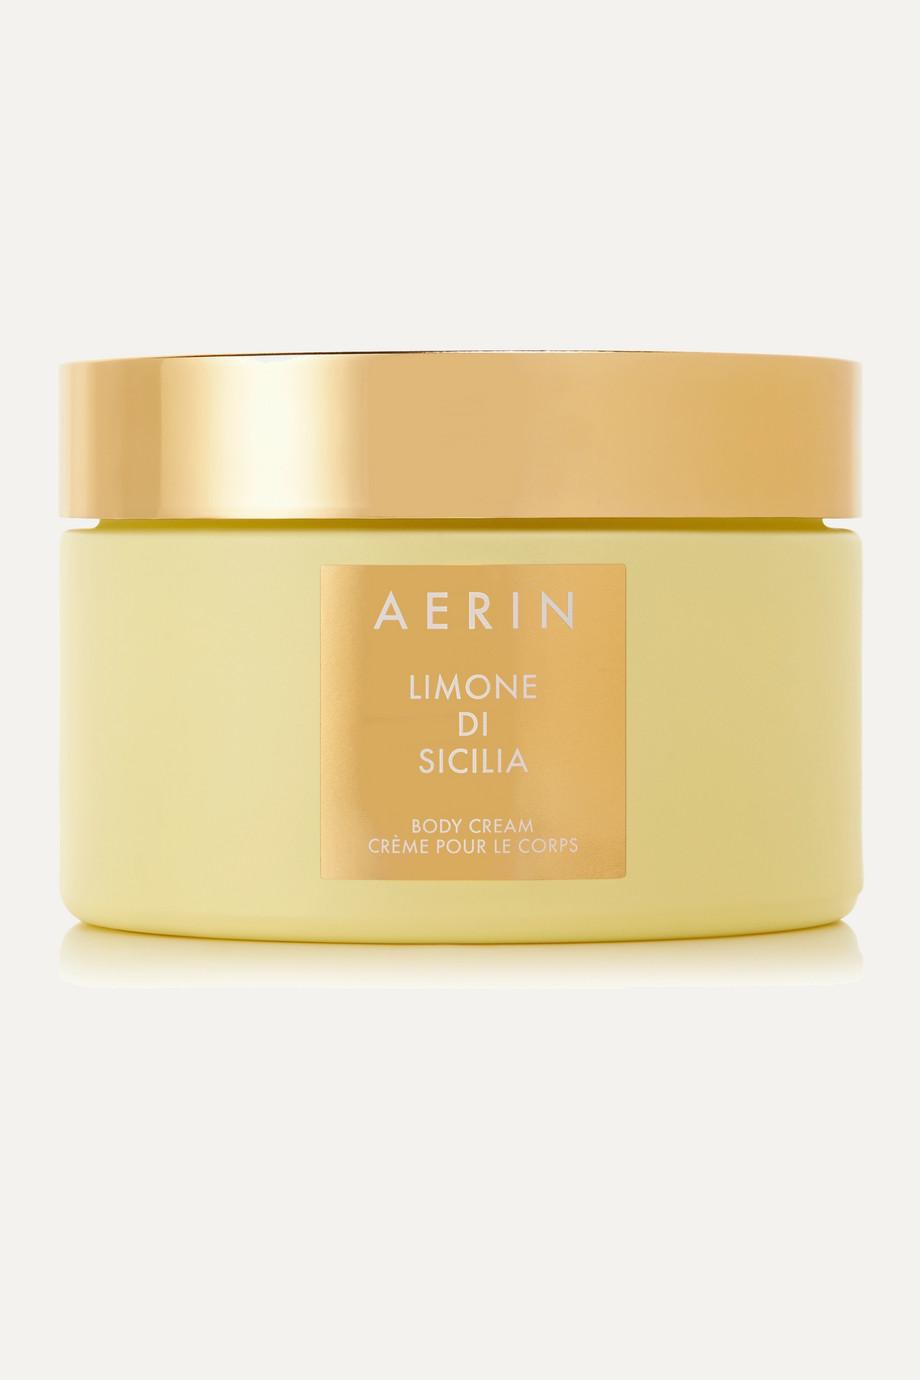 AERIN Beauty Limone Di Sicilia Body Cream, 190 ml – Körpercreme